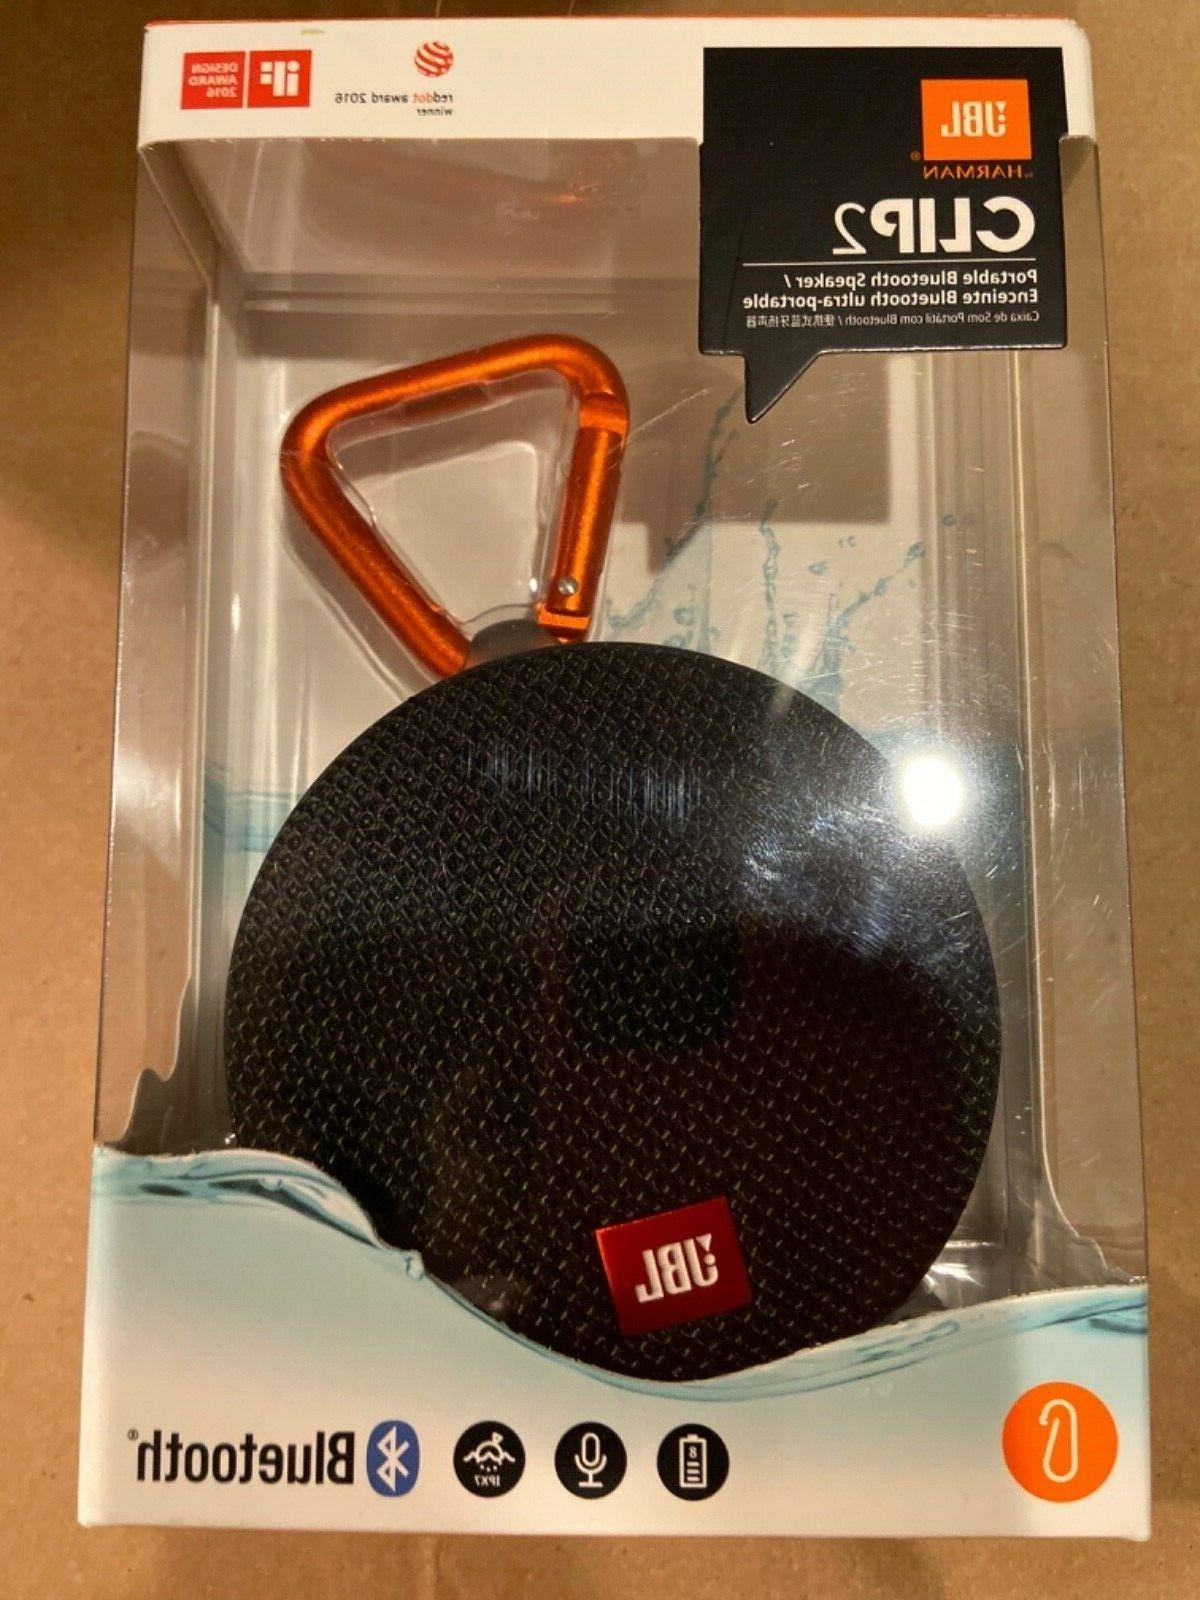 clip 2 waterproof portable bluetooth speaker black